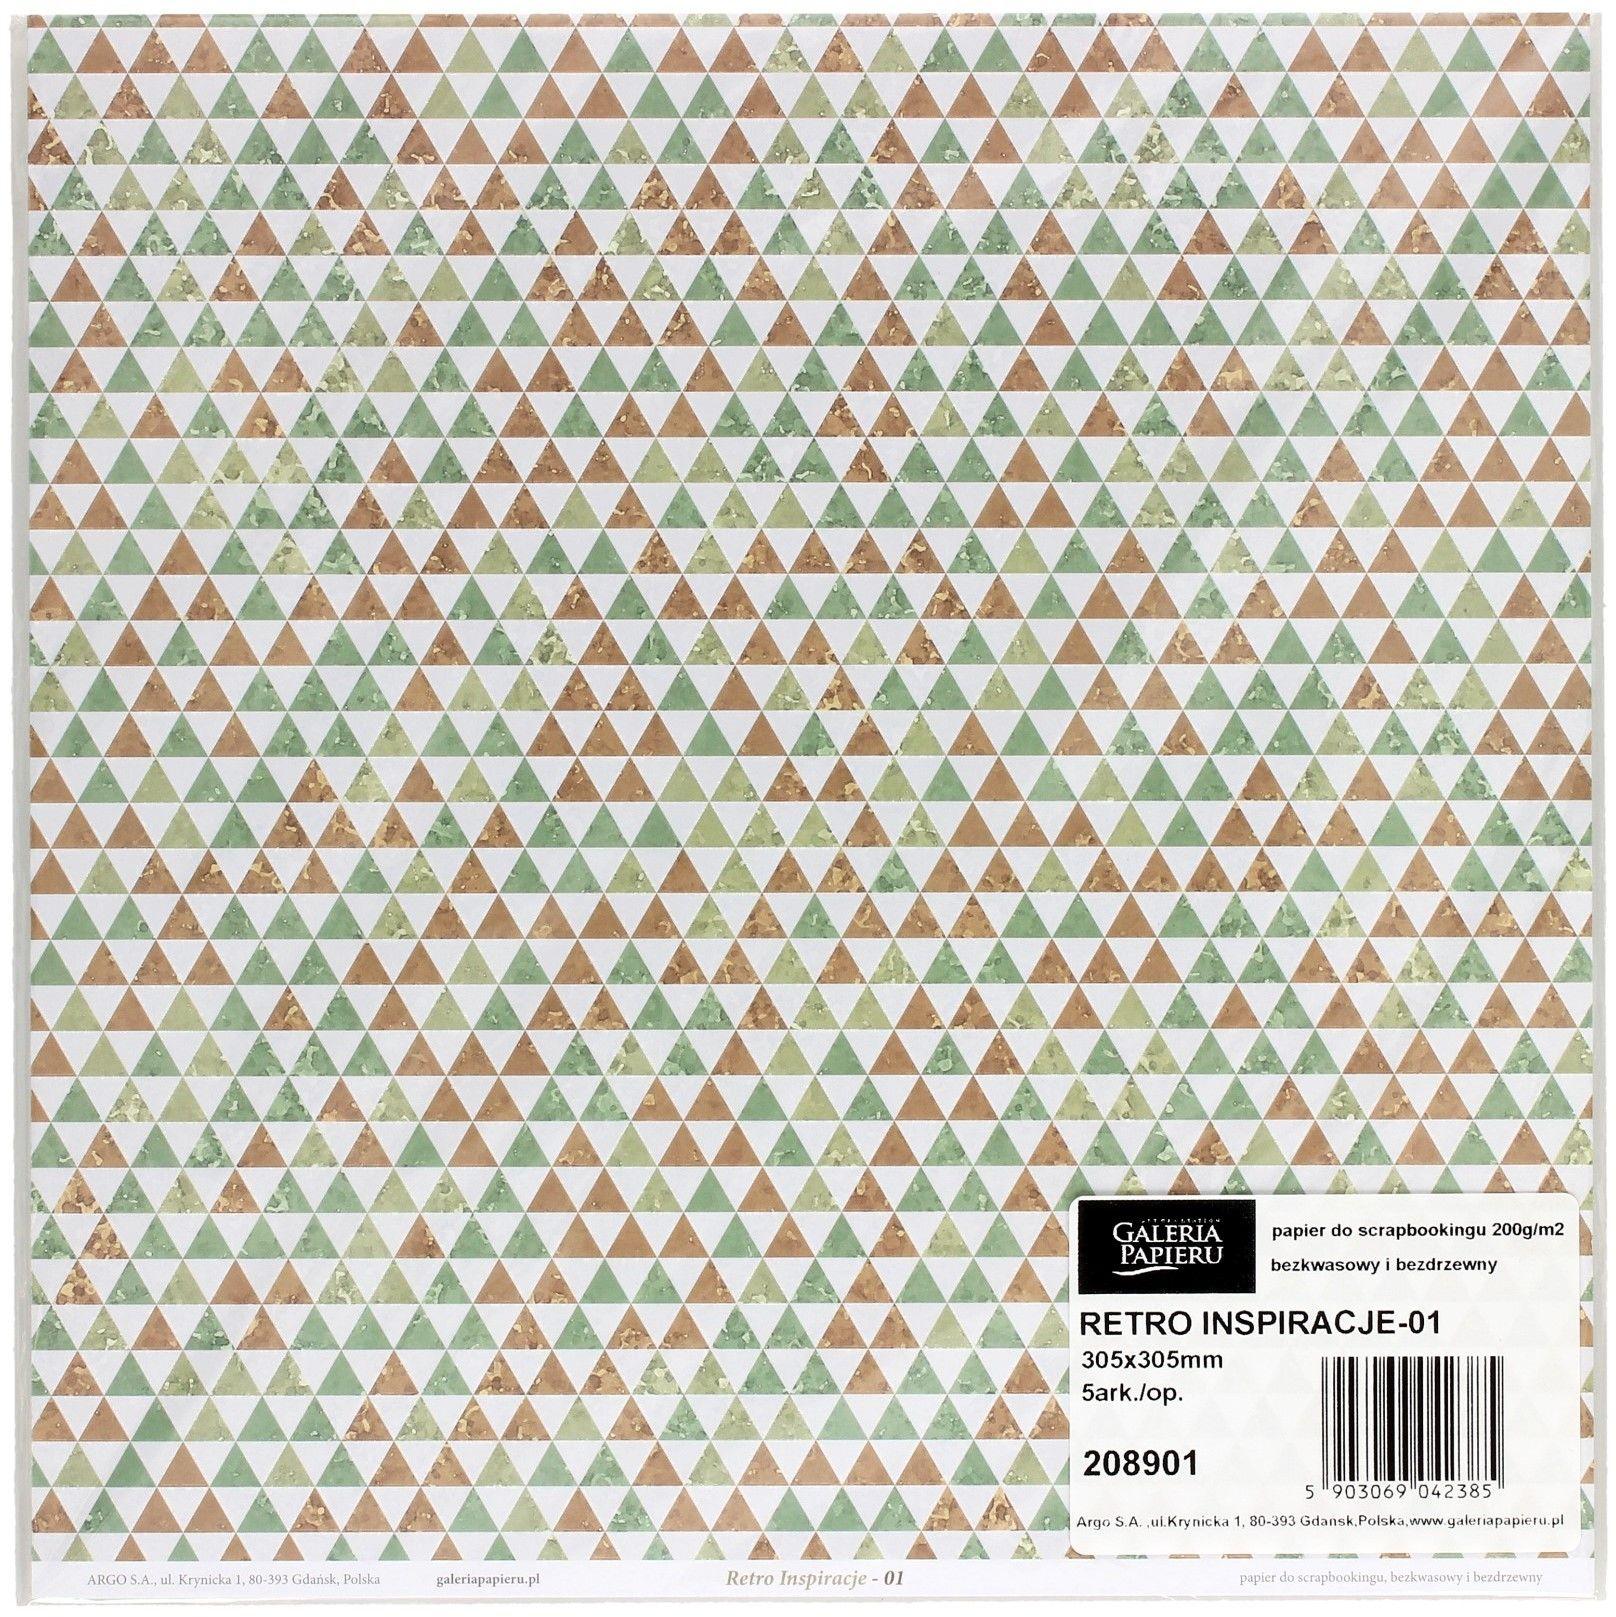 Galeria Papieru Papier scrapbookingowy Retro Inspiracje 01 30,5x30,5 opakowanie 5 ark 208901